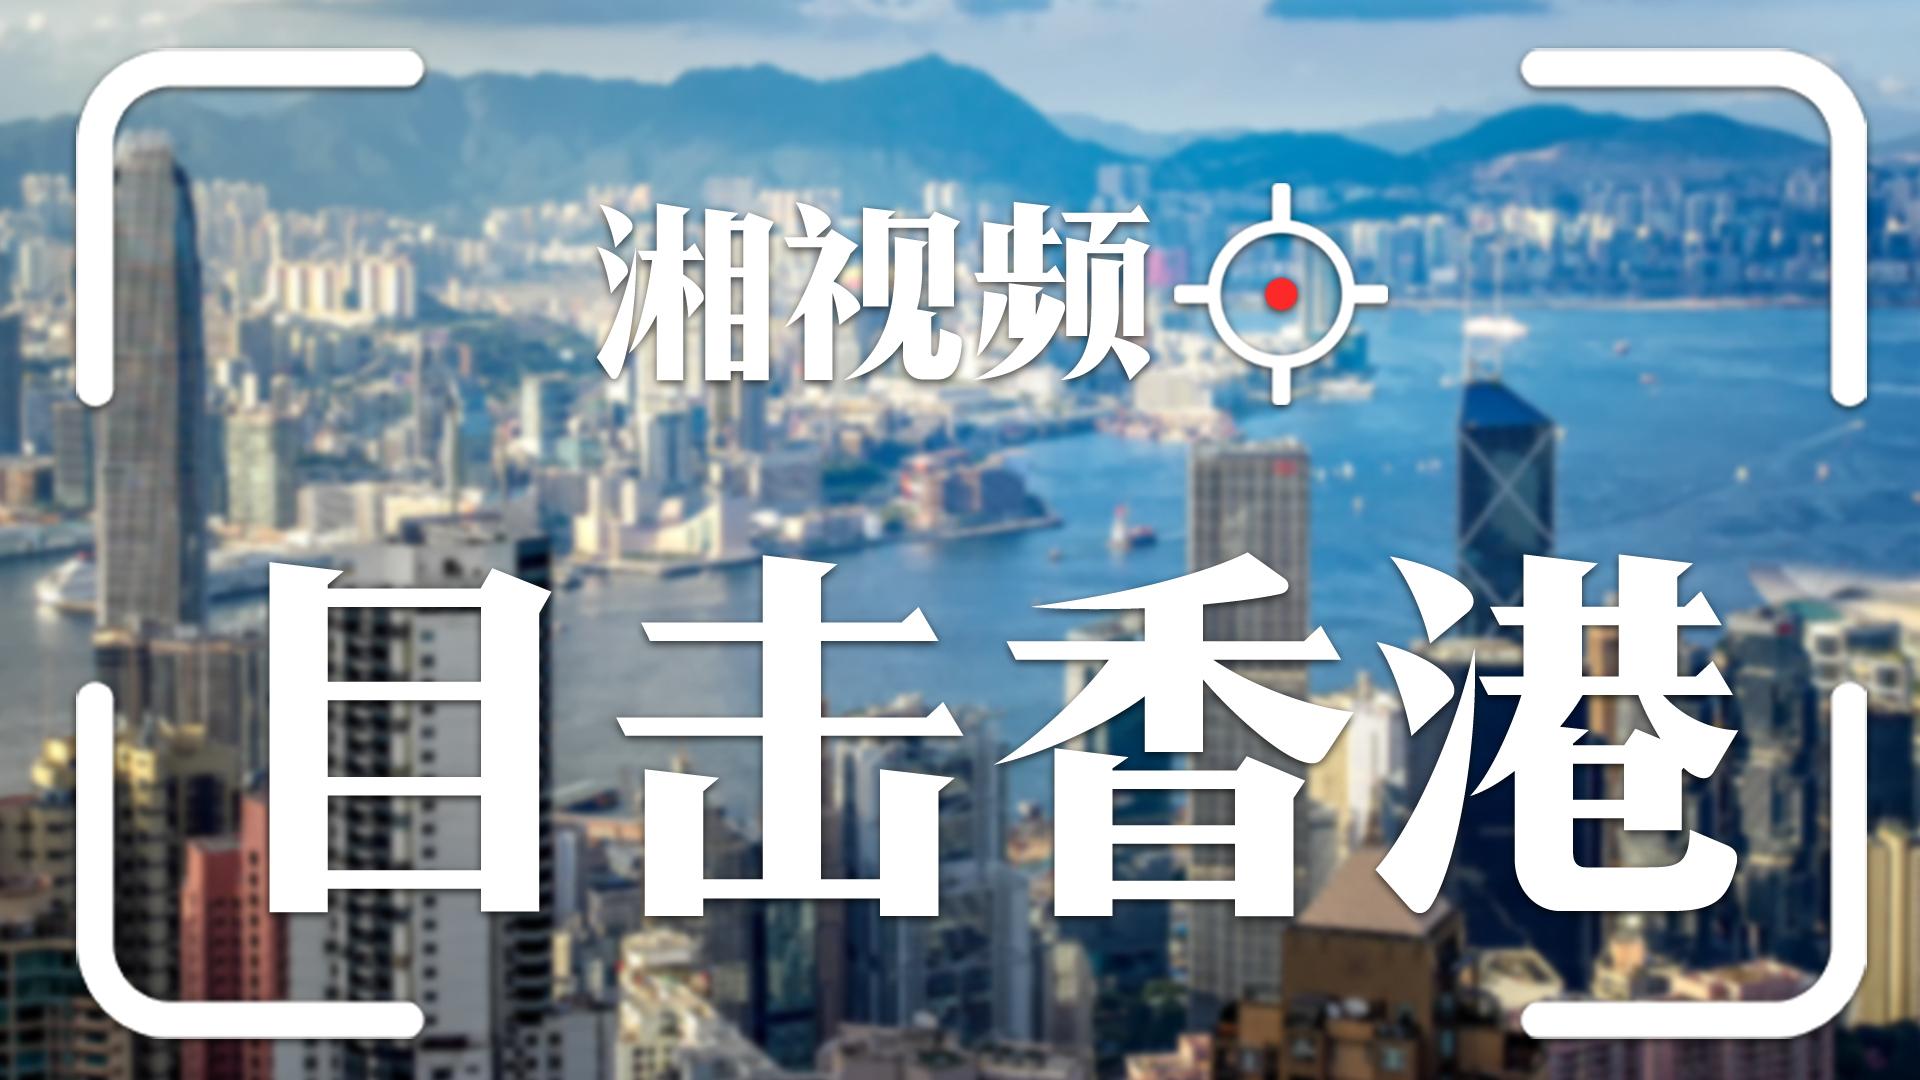 湘视频·目击香港丨警方回应本网记者:不担心被批评被误解